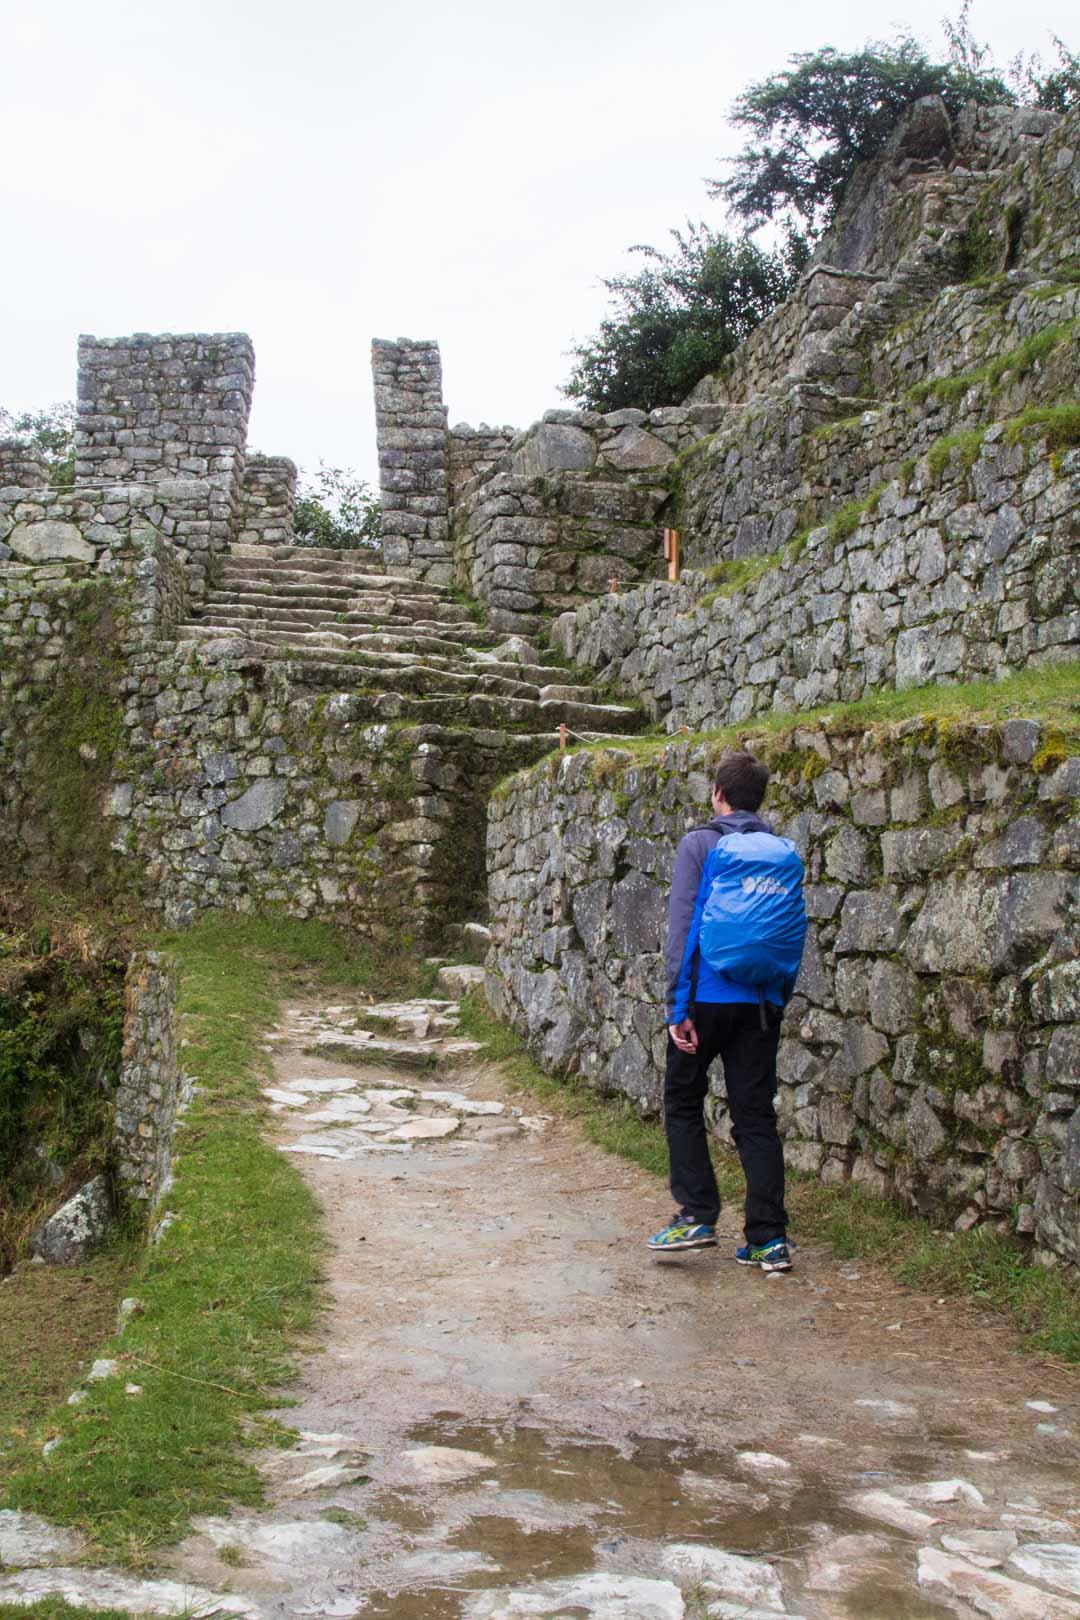 kohti Sun Gatea Machu Picchun inkakaupungissa Perussa